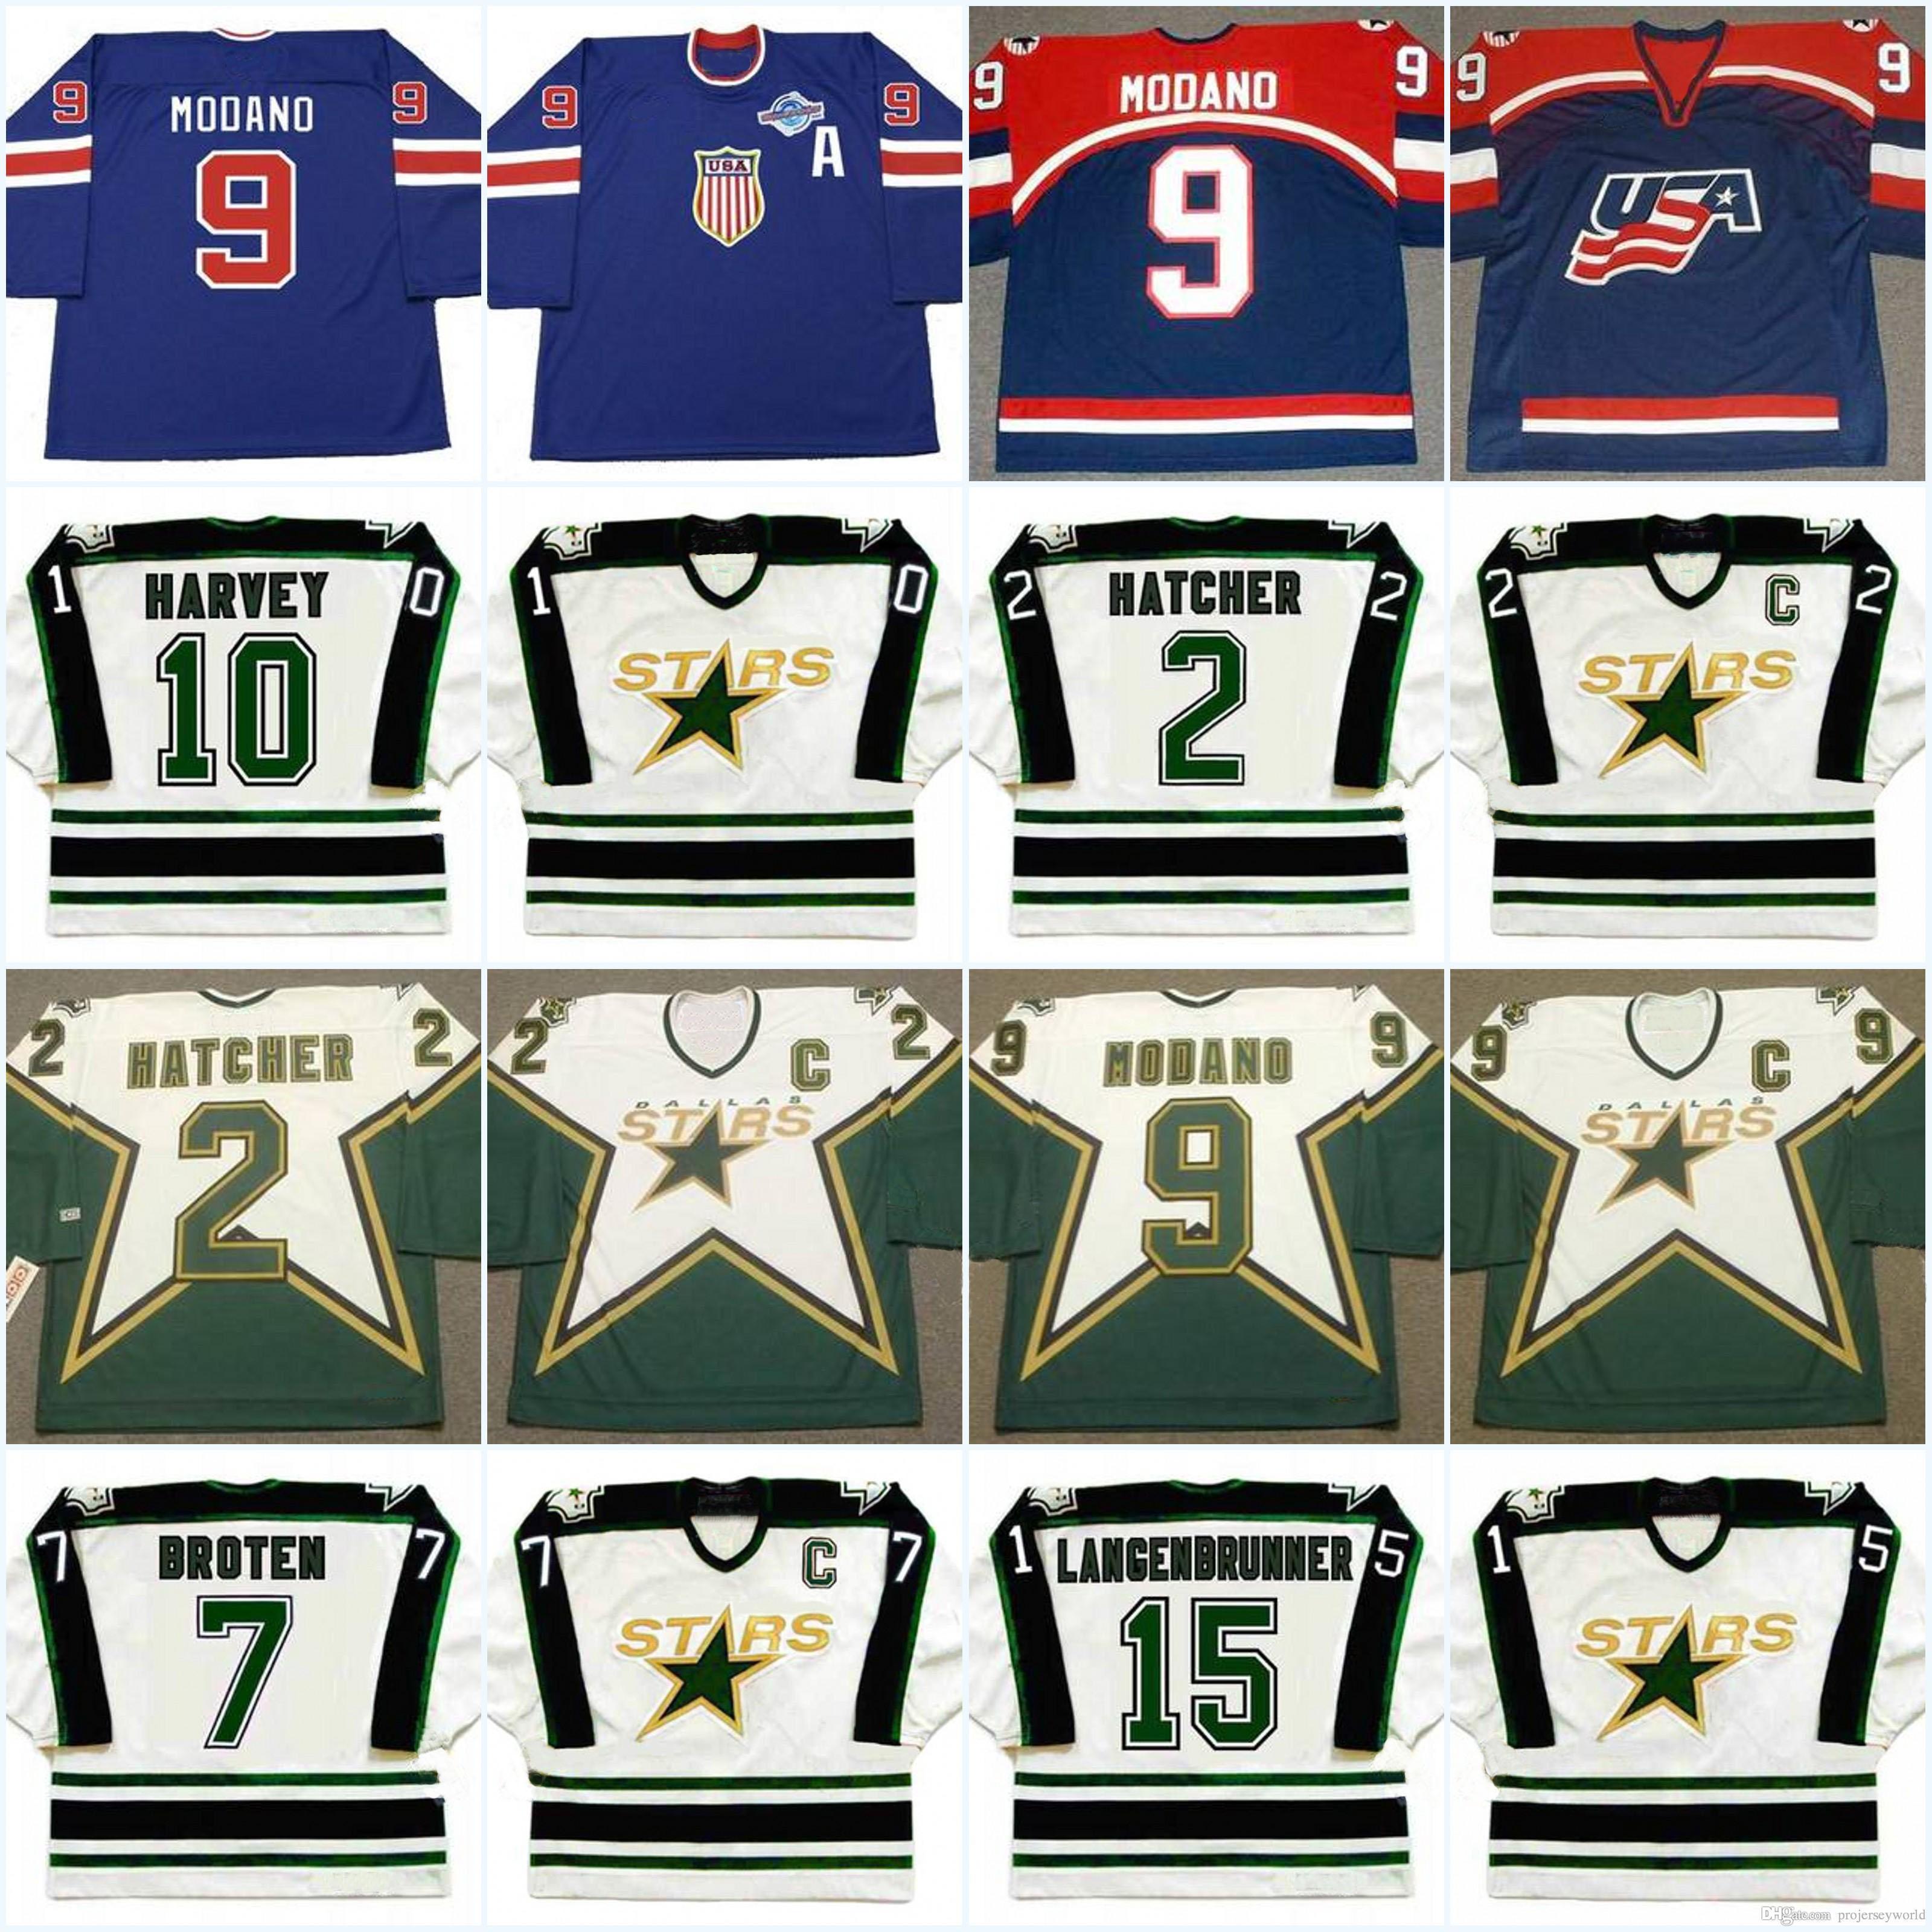 2019 Dallas Stars Mens 5 DARRYL SYDOR 1990 S 2 DERIAN HATCHER 7 NEAL BROTEN  9 MIKE MODANO Vintage Hockey Jerseys From Projerseyworld 8e857fcb0